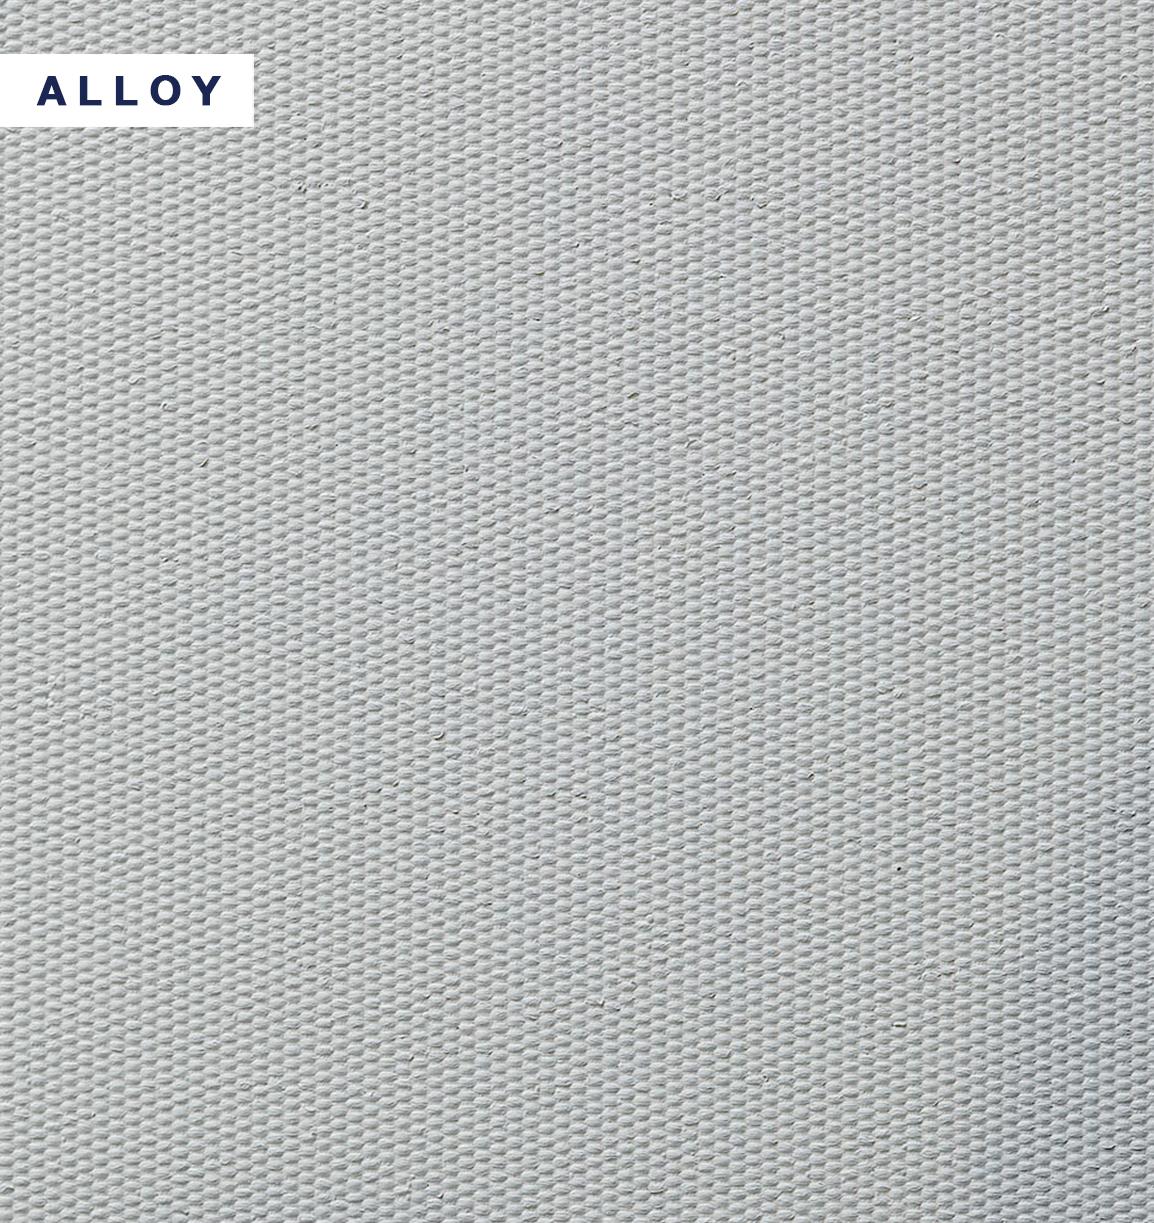 VIBE - Alloy.jpg